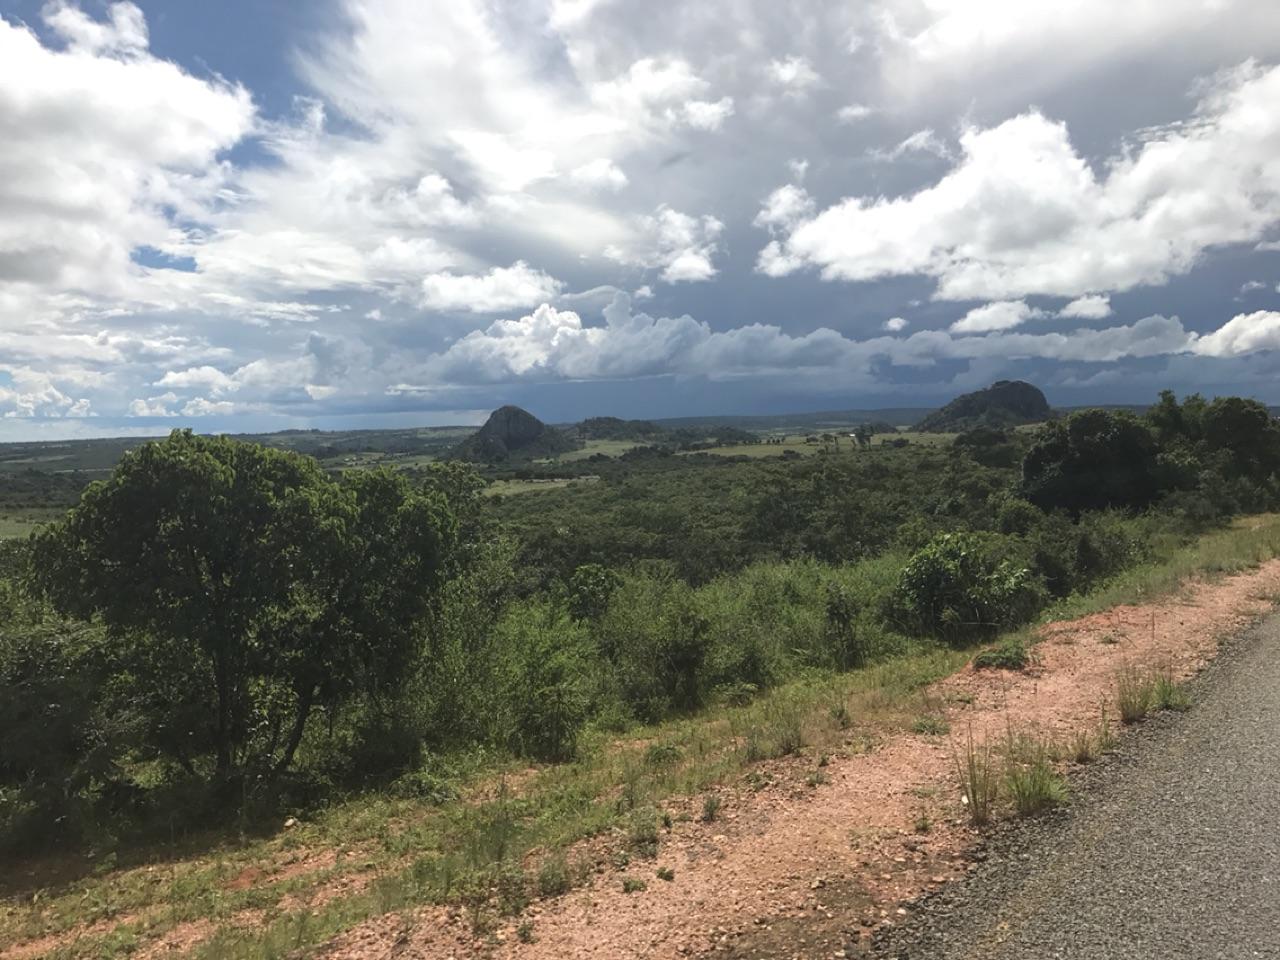 Road to Mzuzu